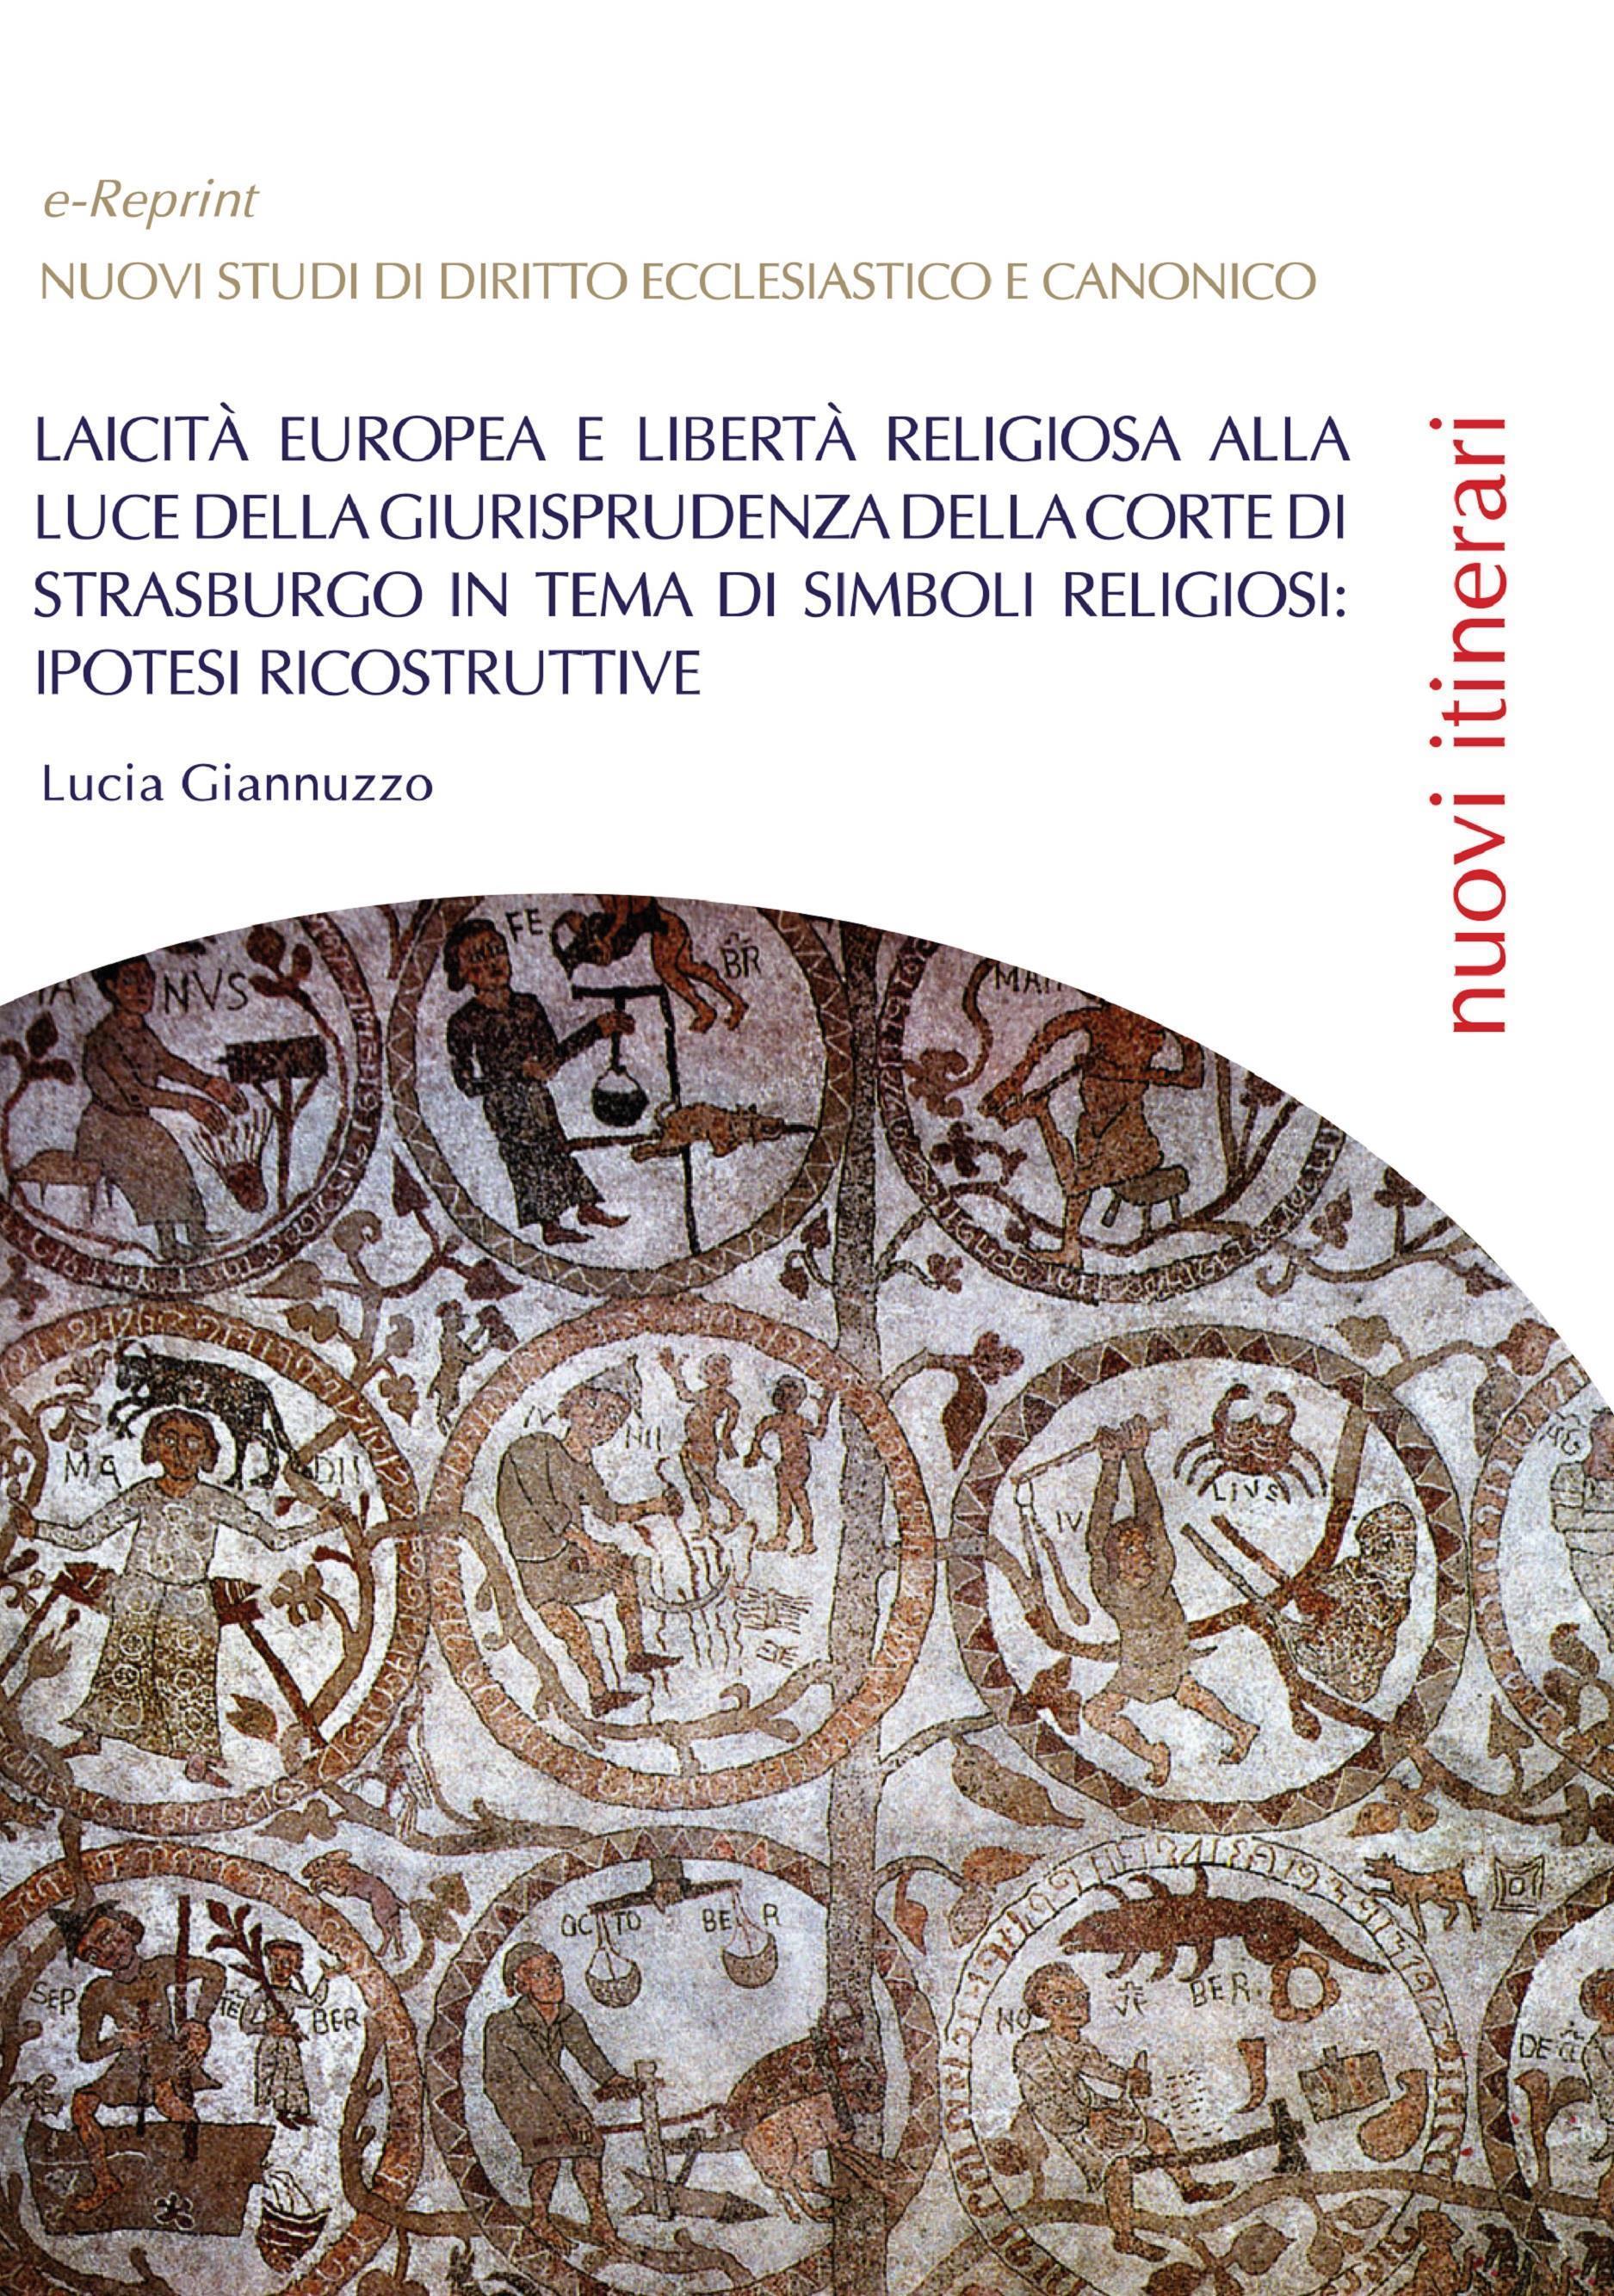 Laicità europea e libertà religiosa alla luce della giurisprudenza della Corte di Strasburgo in tema di simboli religiosi: ipotesi ricostruttive